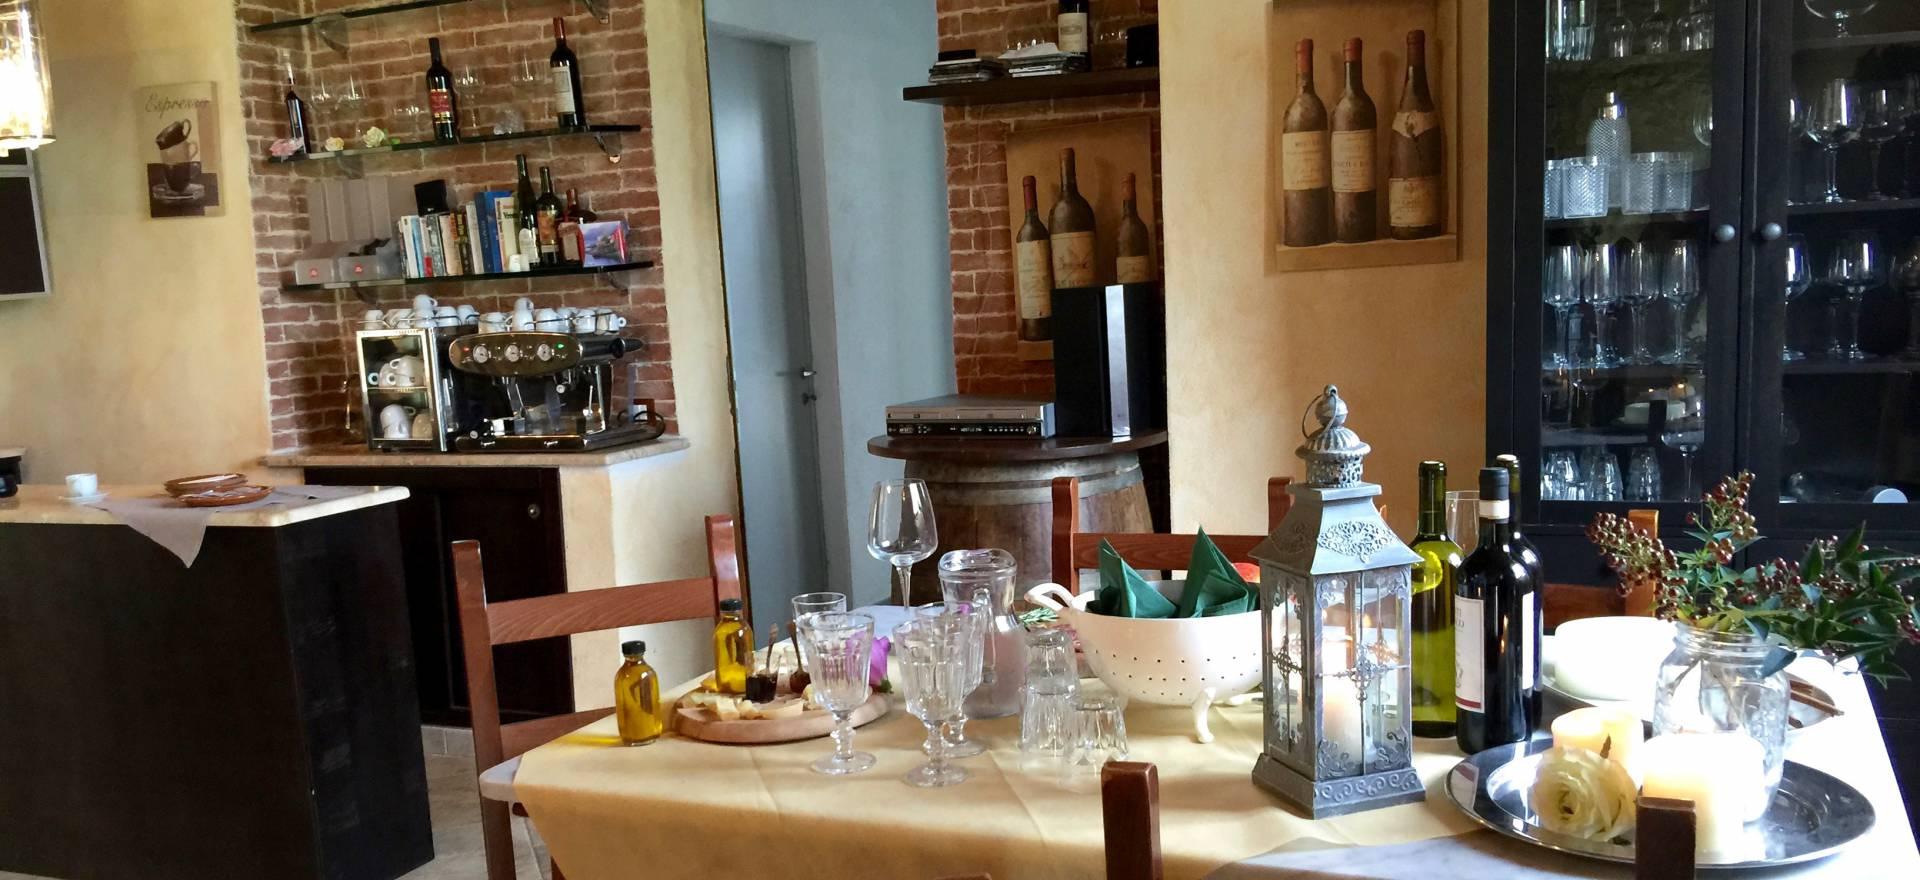 Kindvriendelijke agriturismo centraal in Toscane